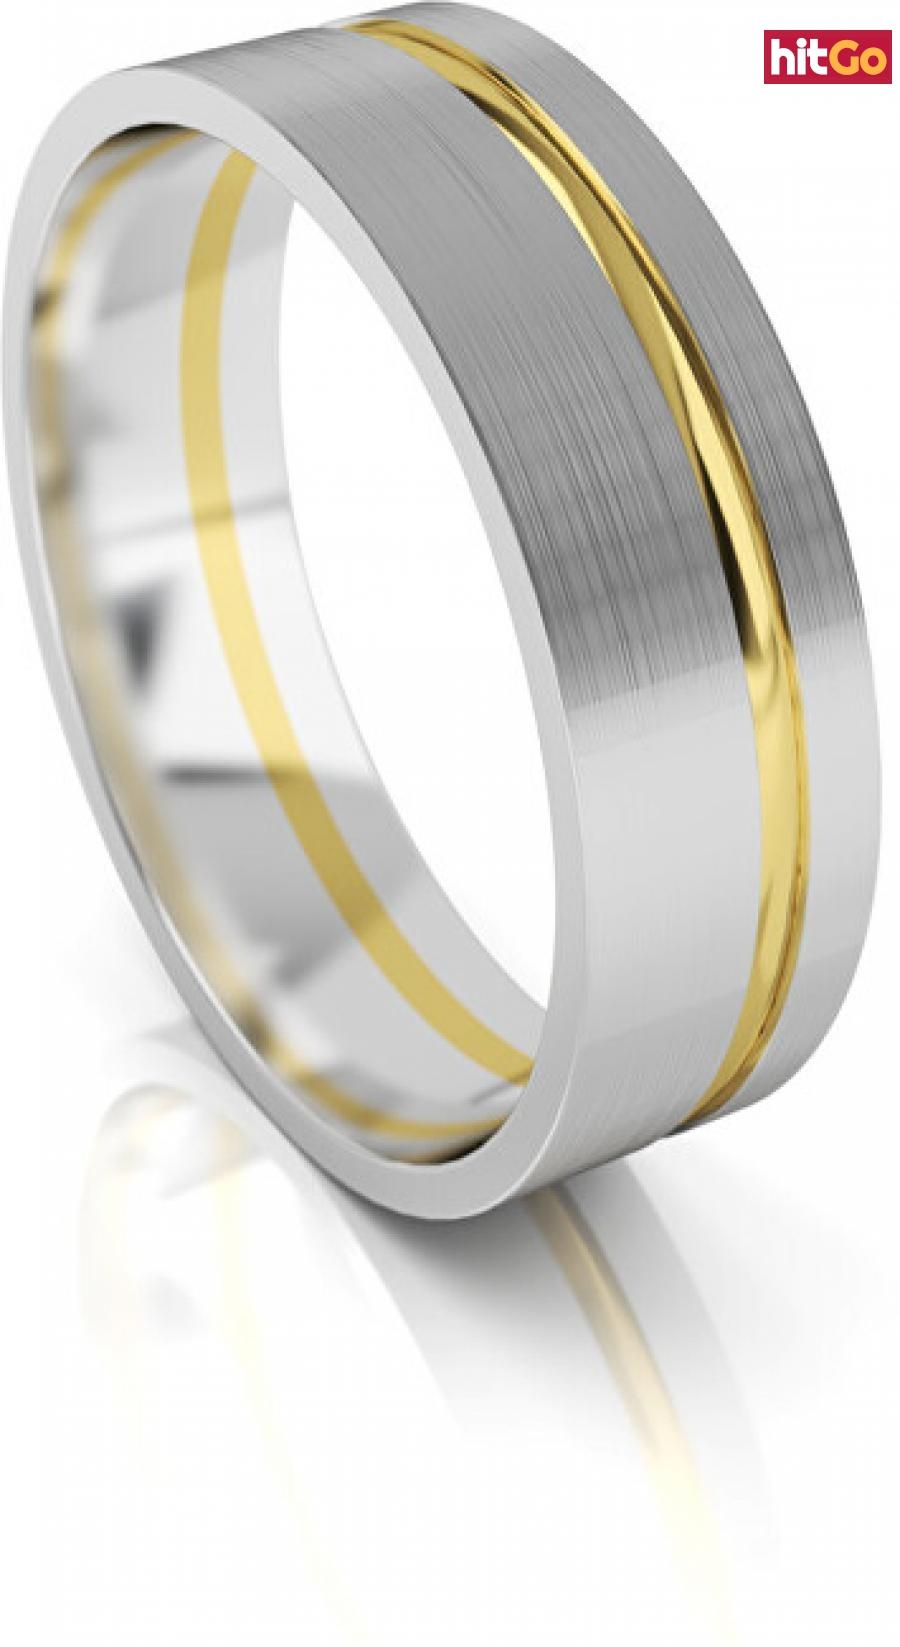 Art Diamond Pánský snubní prsten ze zlata AUG139 62 mm pánské